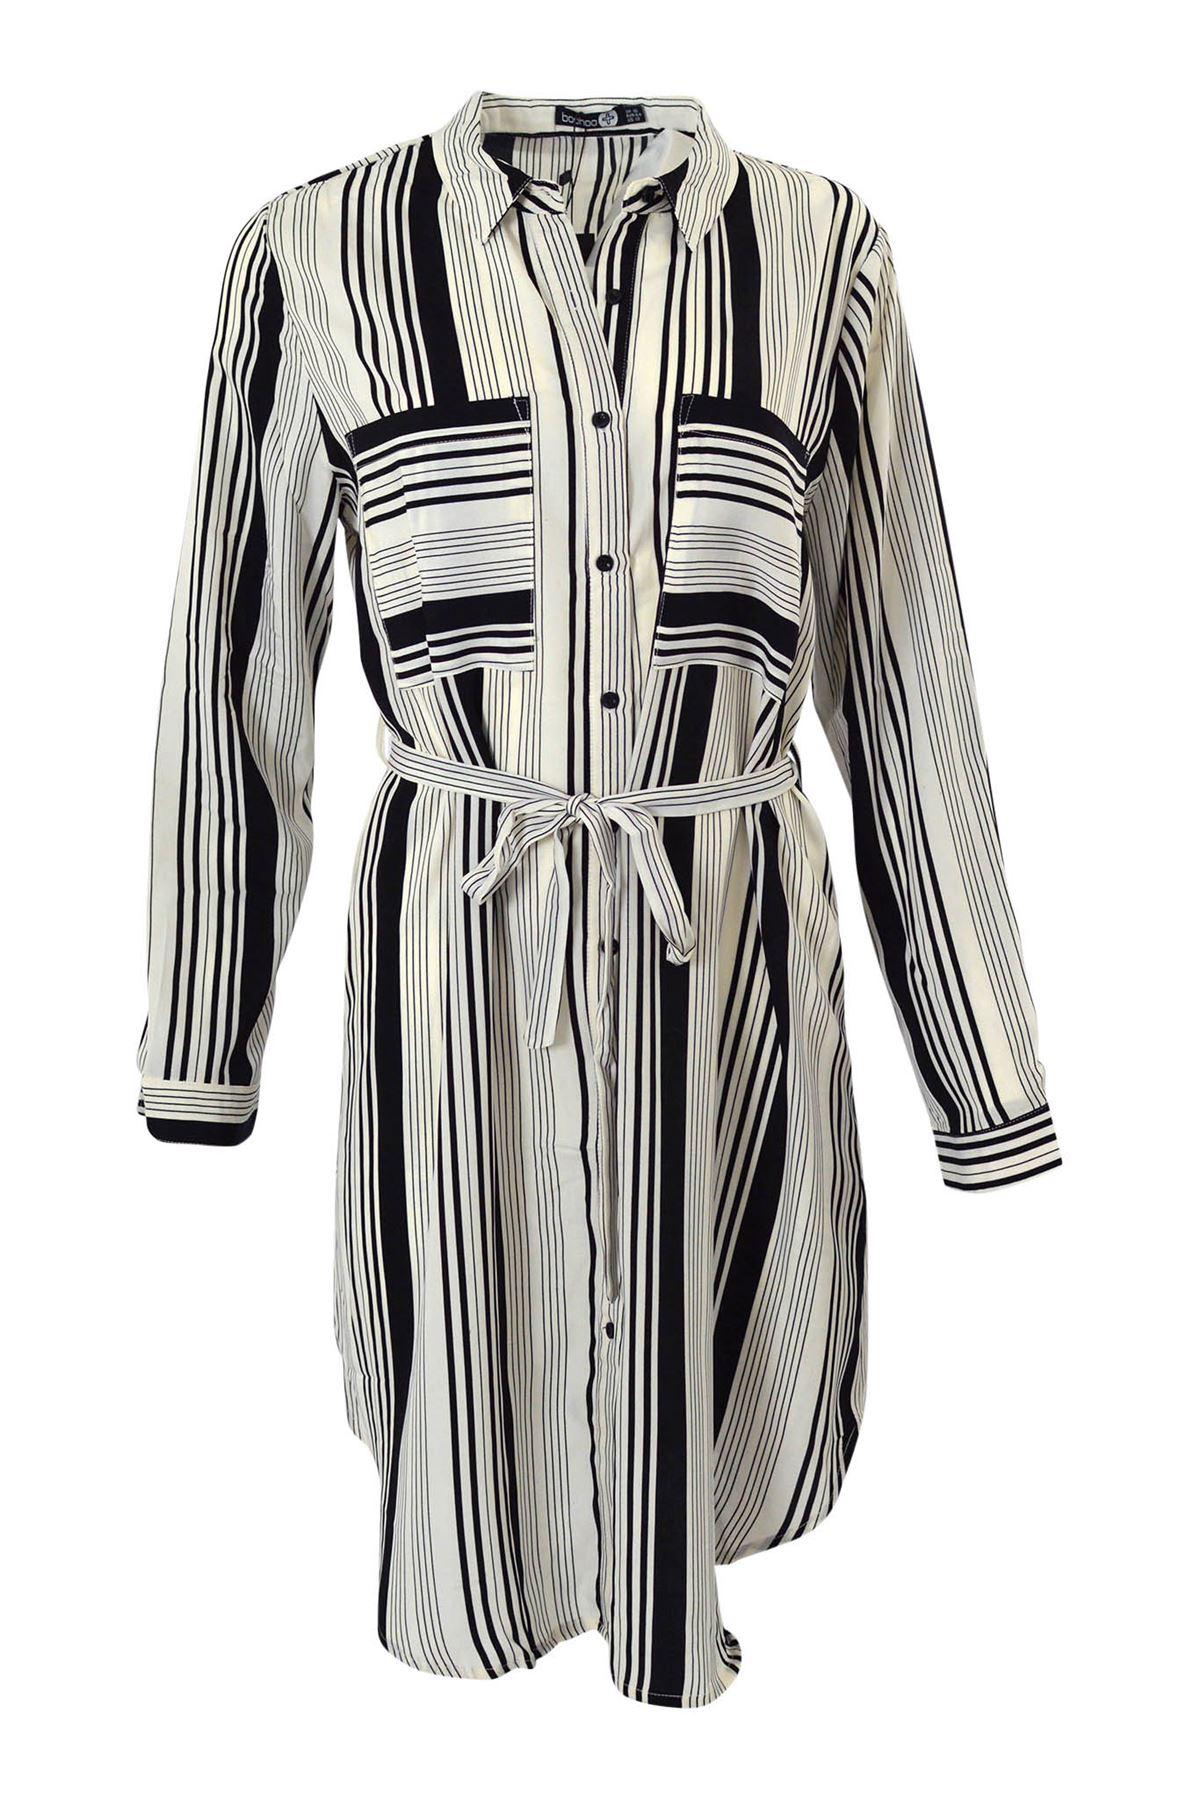 Ex Boohoo White Black Fine Square Check Shirt Dress New Sizes 16 18 20 22 24